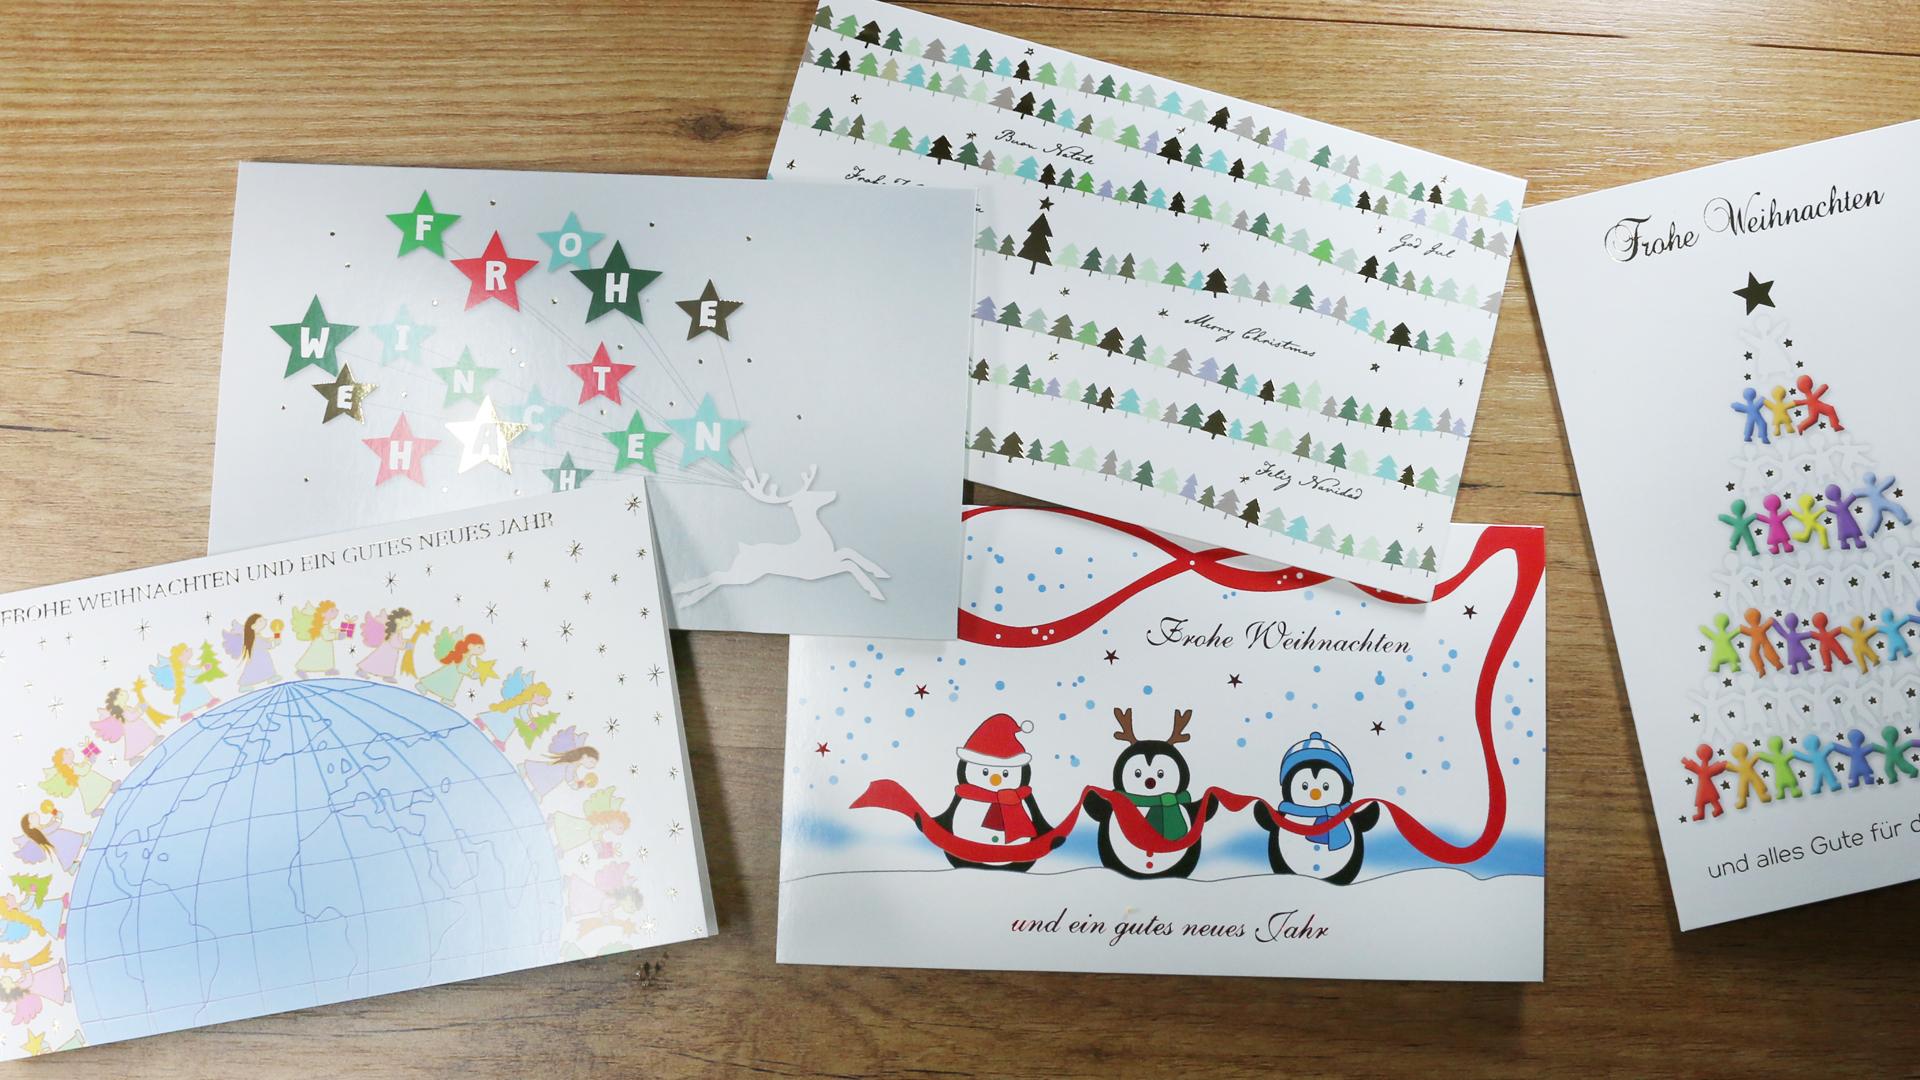 Weihnachtskarten Aldi Süd.Mit Weihnachtskarten Sos Kinderdörfer Unterstützen